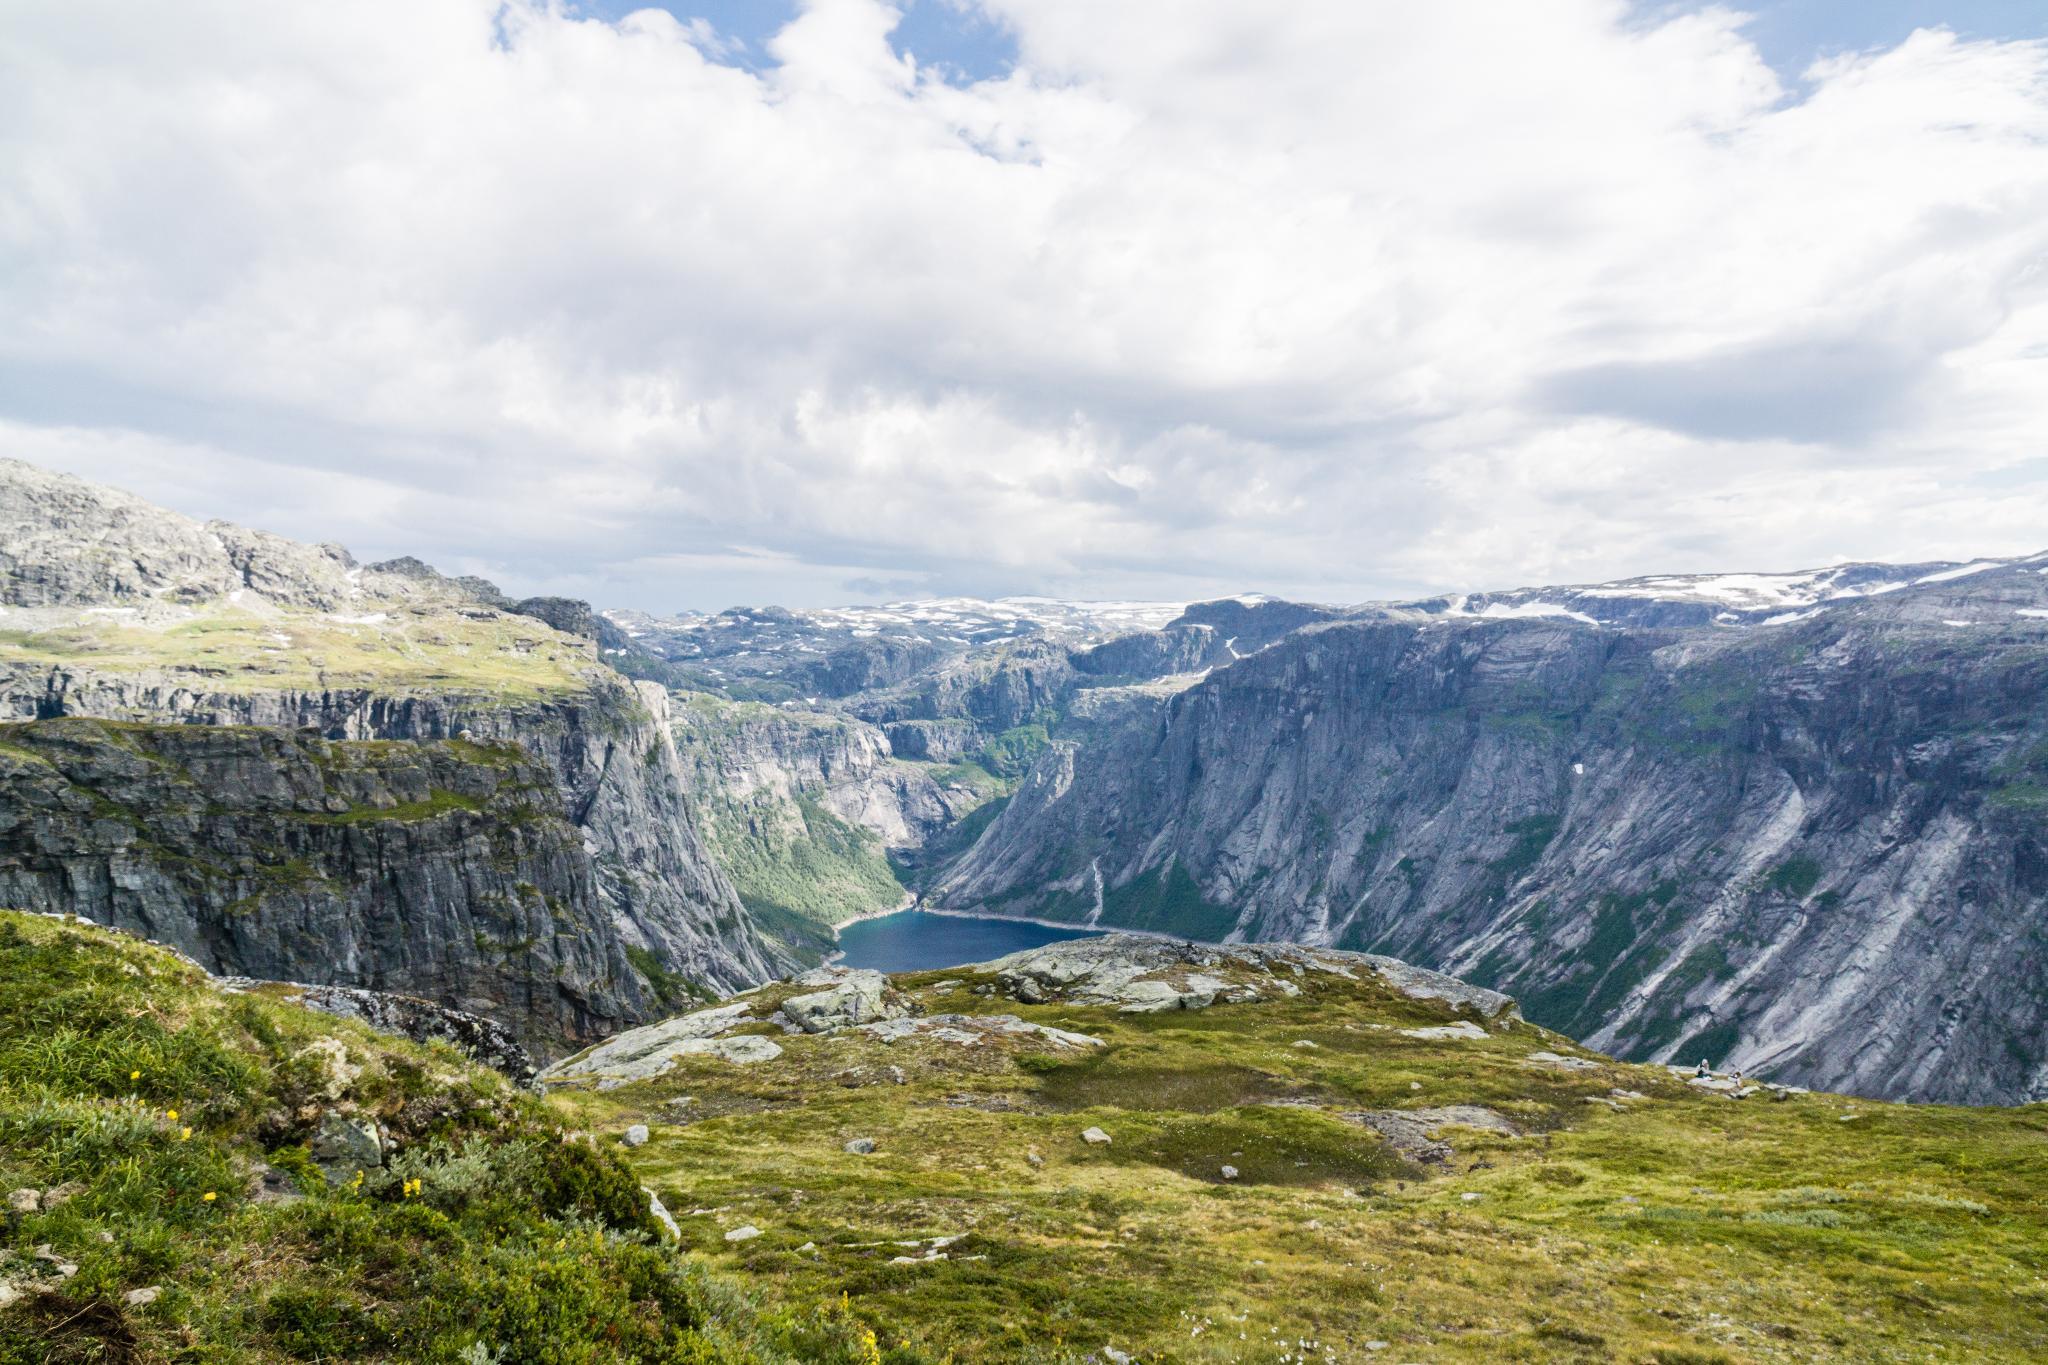 【北歐景點】挪威惡魔之舌 Trolltunga — 28公里健行挑戰全攻略 215